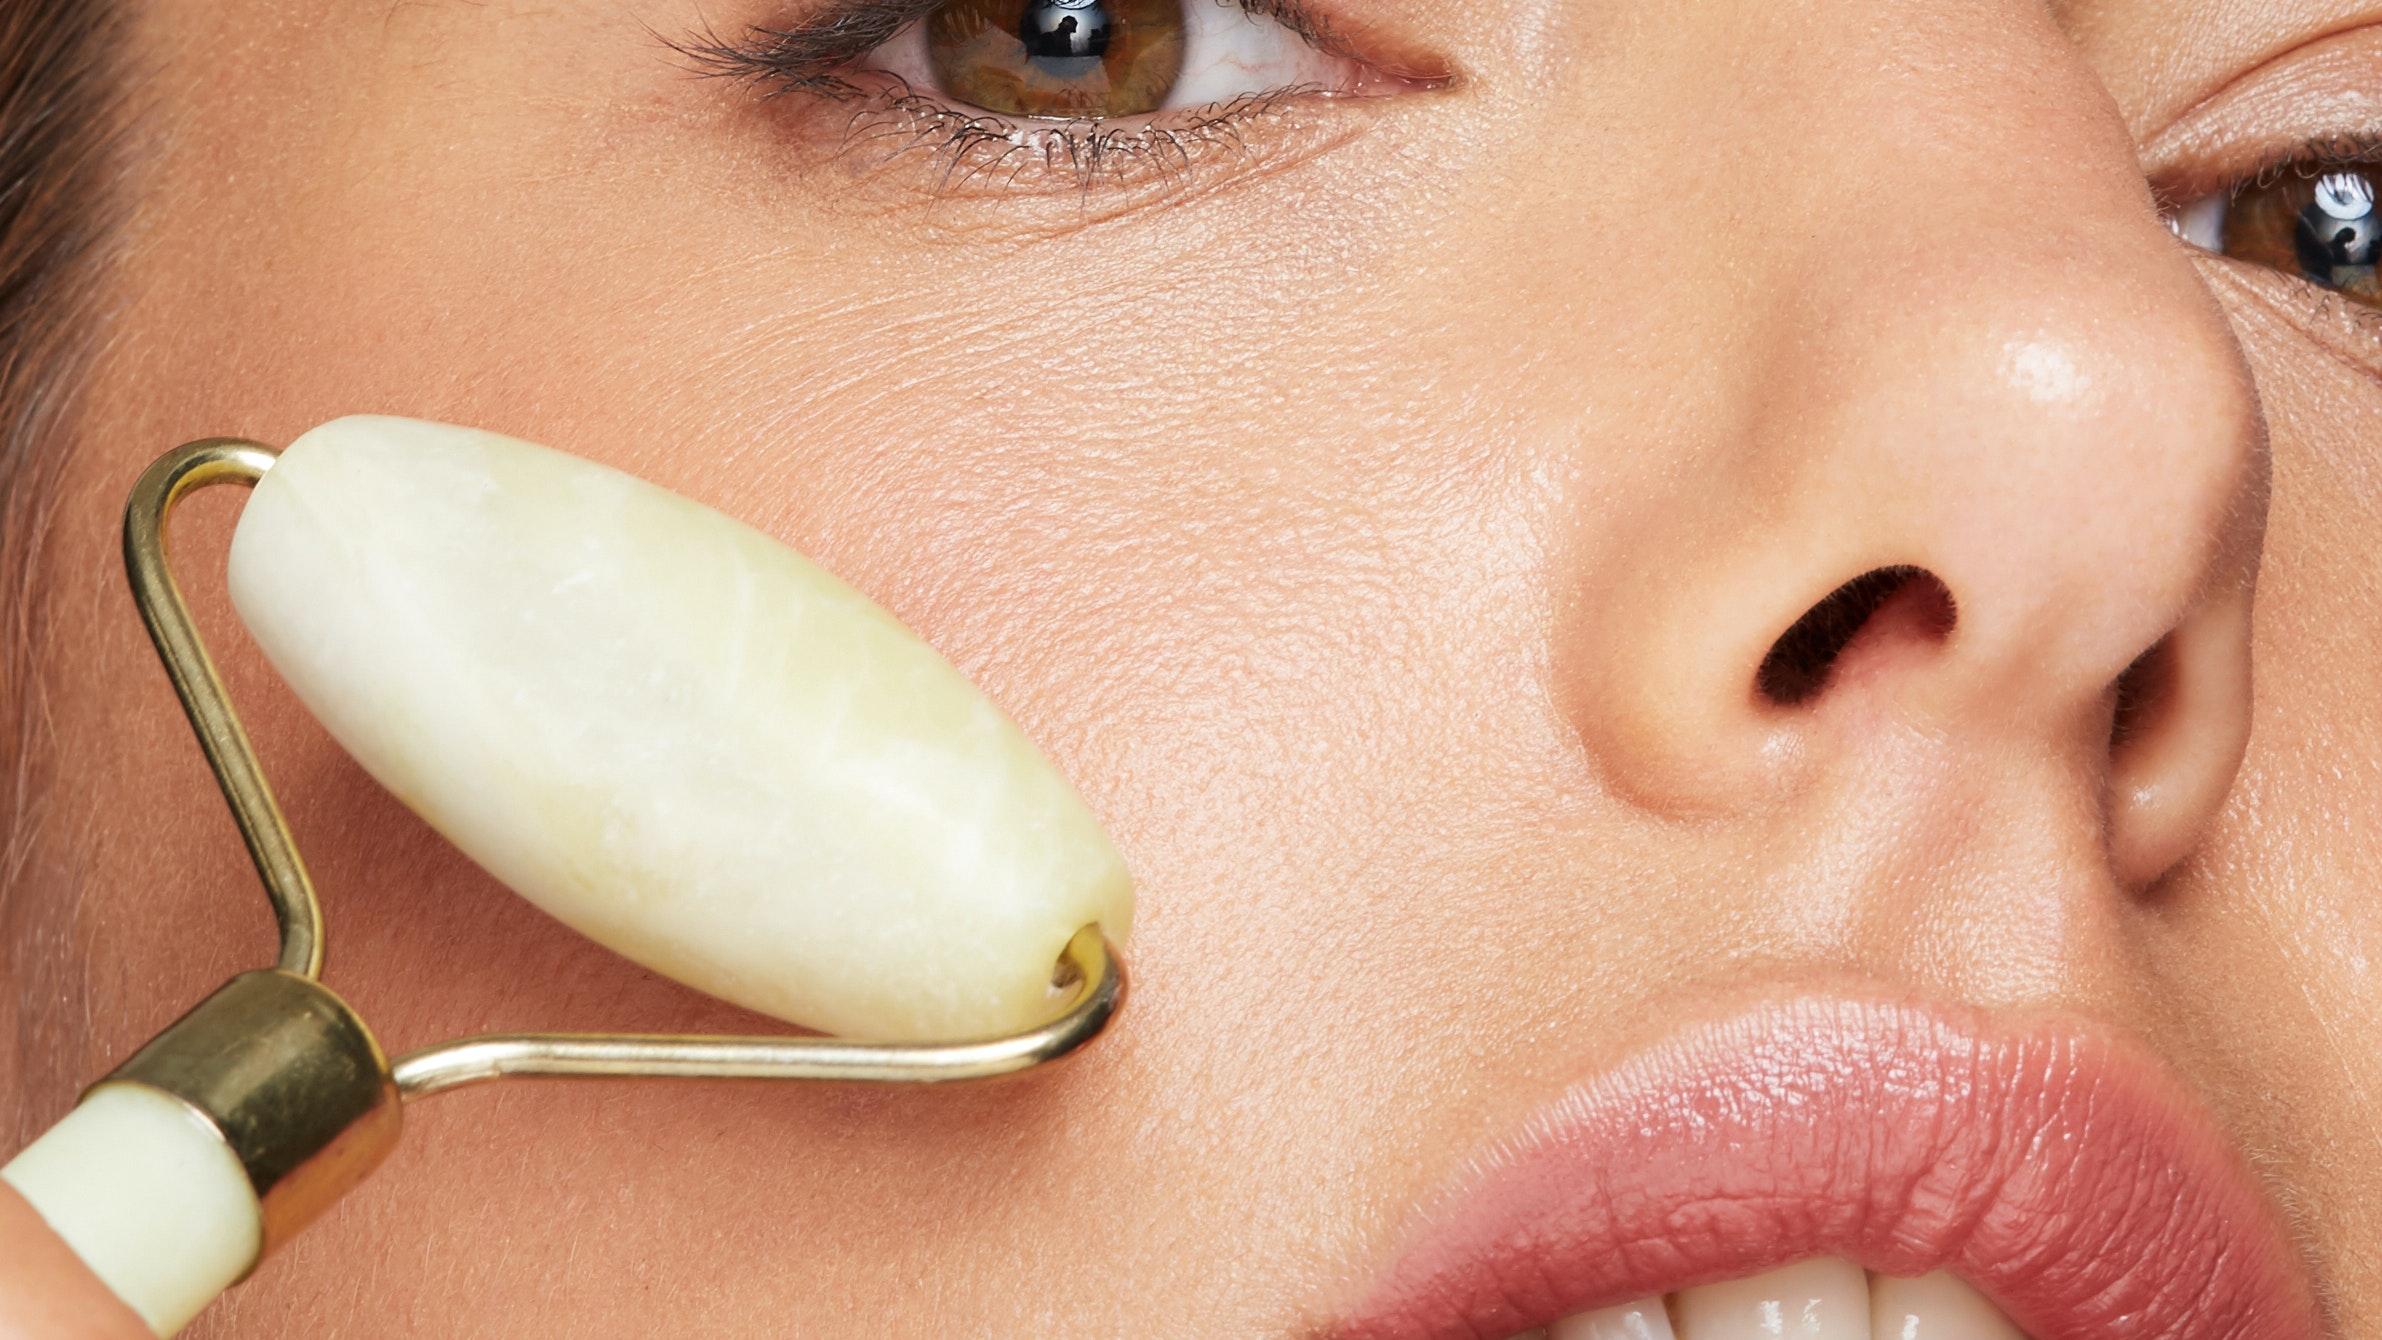 Beauty Shot - Woman Using Jade Roller Closeup - Fresh Bronze Skin Care Massage